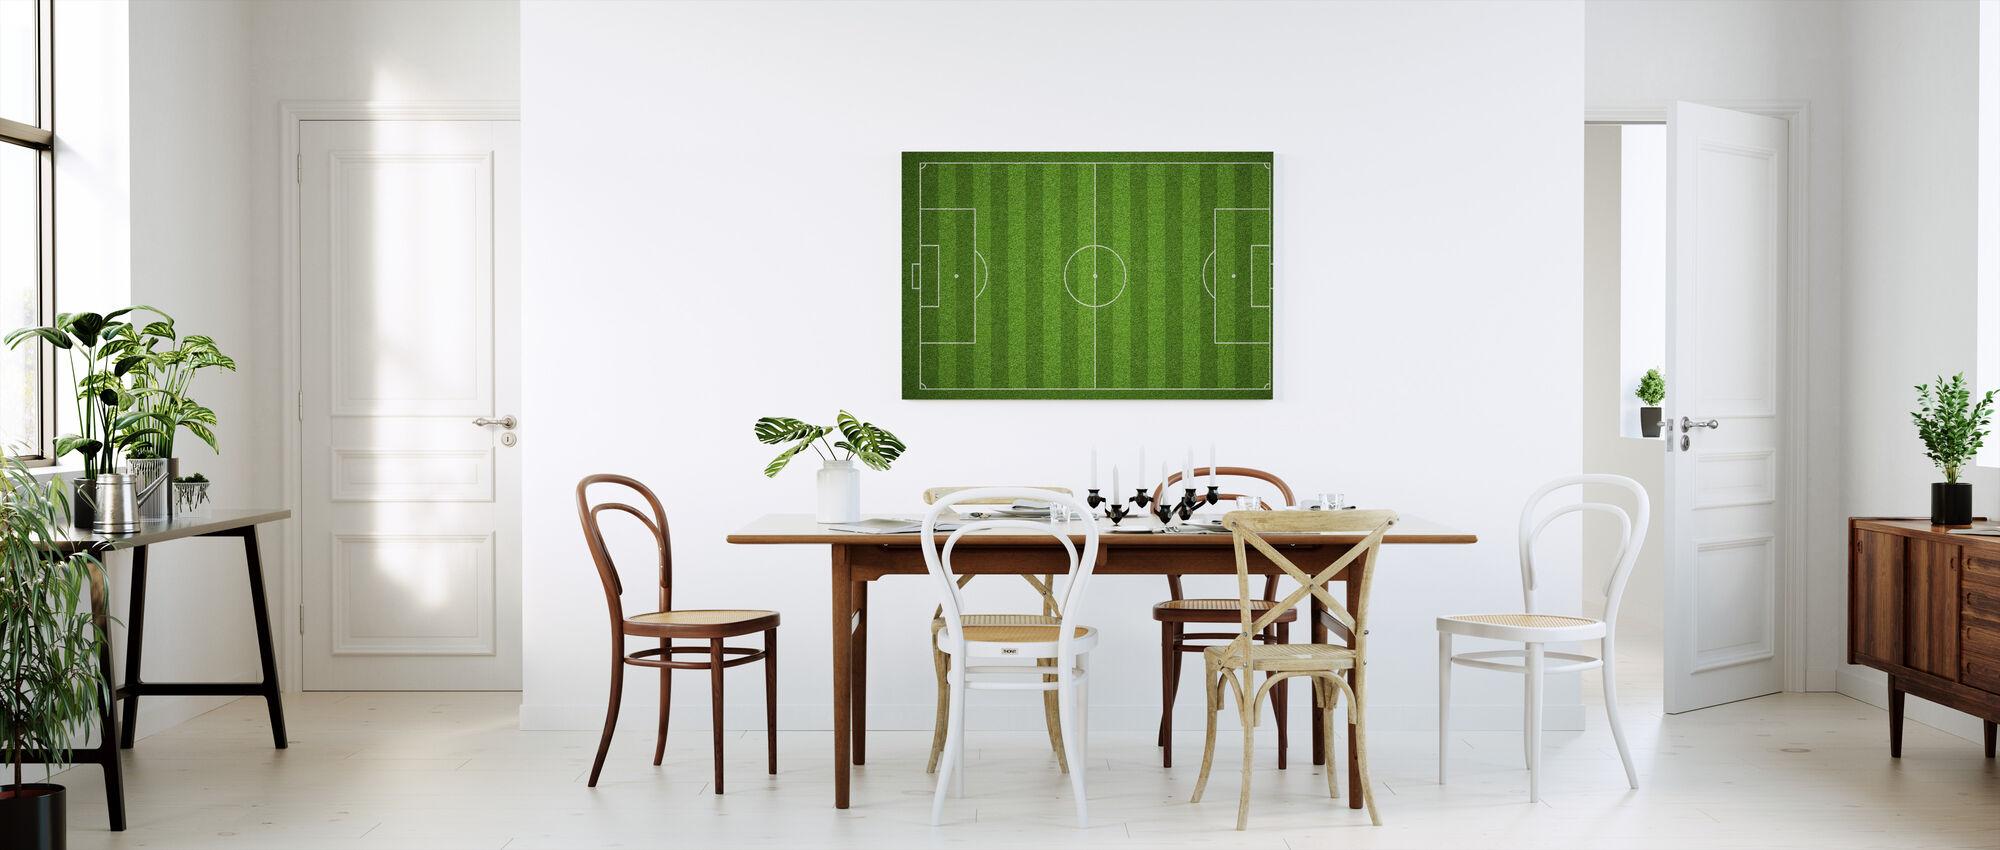 Campo de fútbol - Lienzo - Cocina